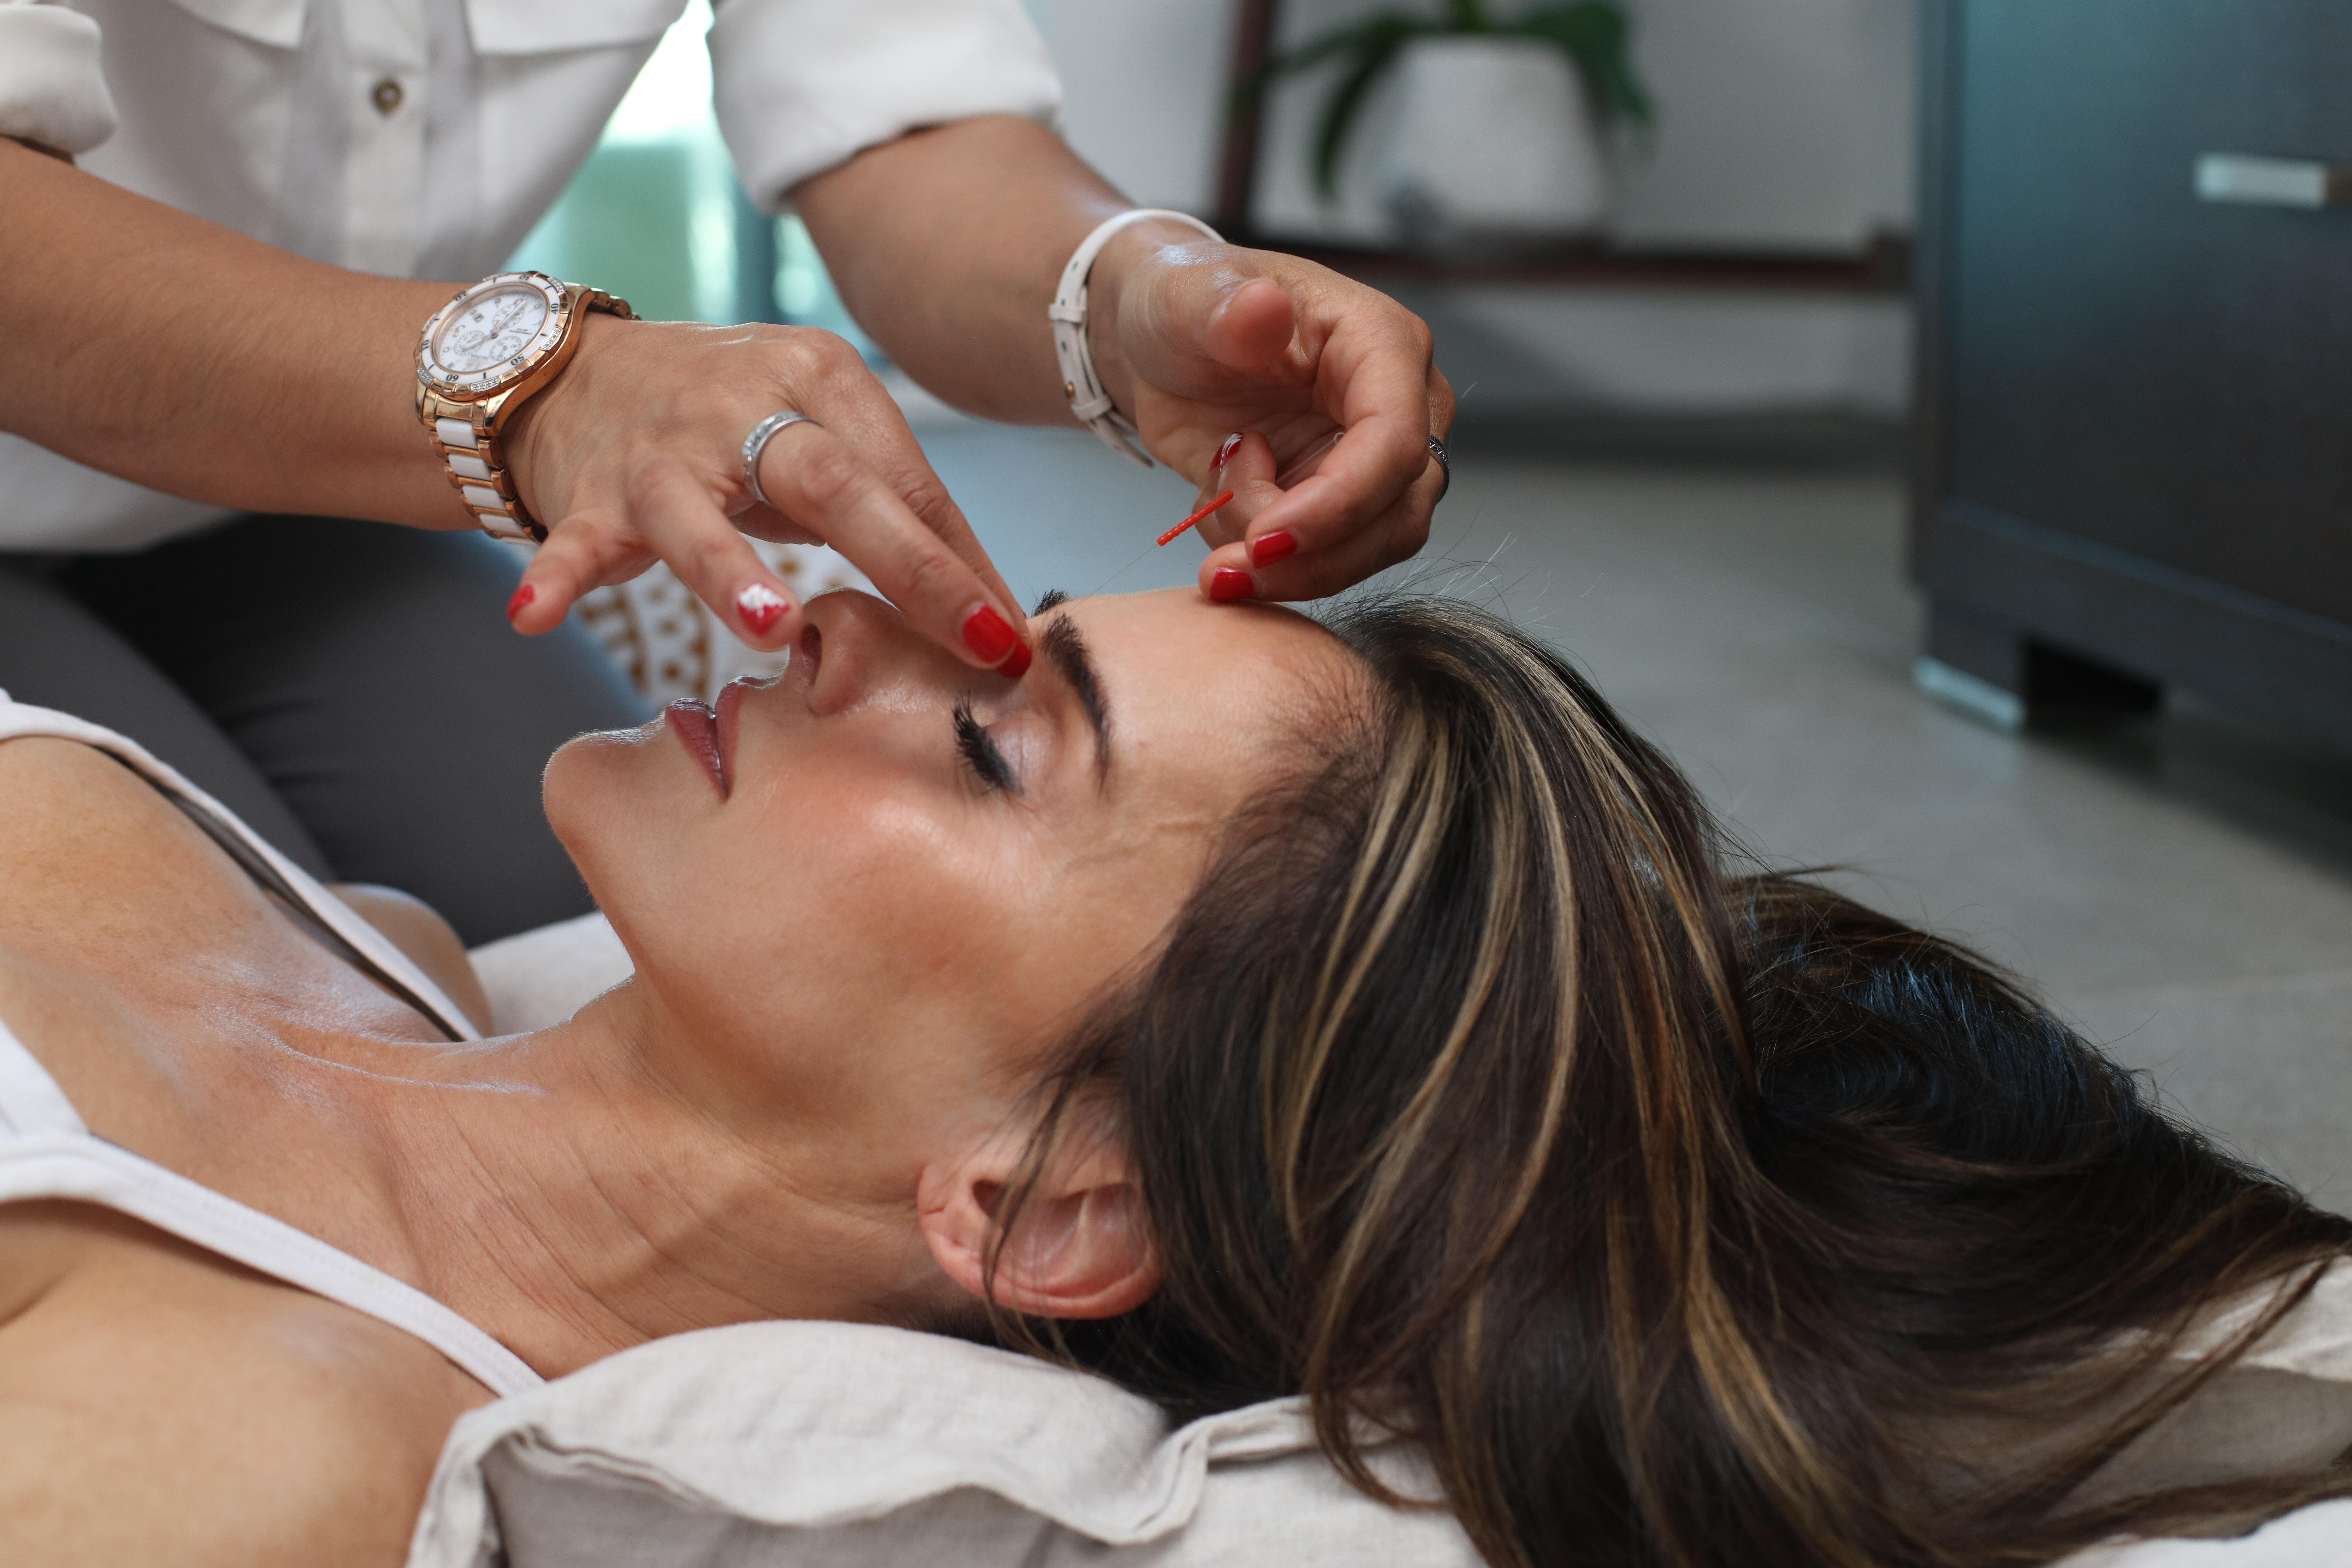 Jaki wpływ na codzienny makijaż może mieć masaż twarzy? Faktycznie pomocny?